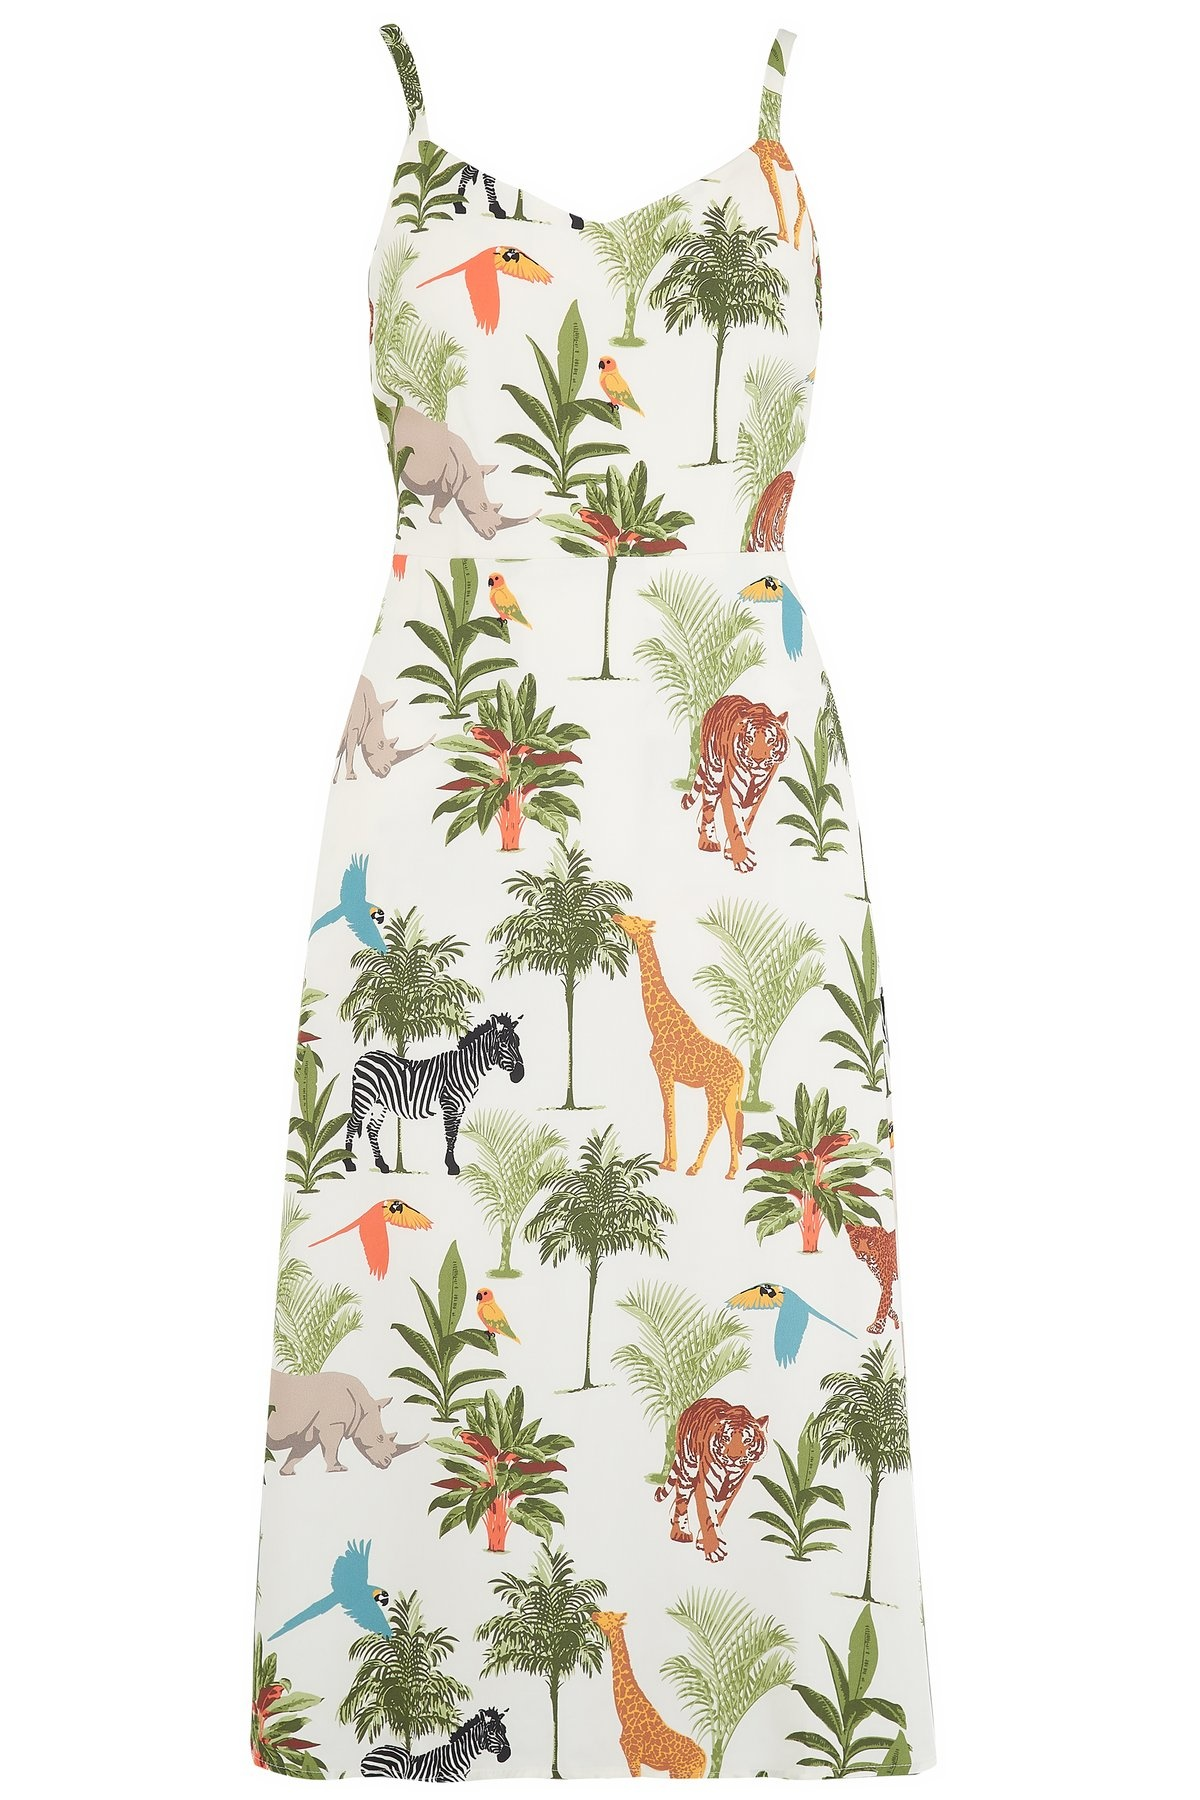 Sugarhill Brighton Lumi Sundress in Jungle Animals